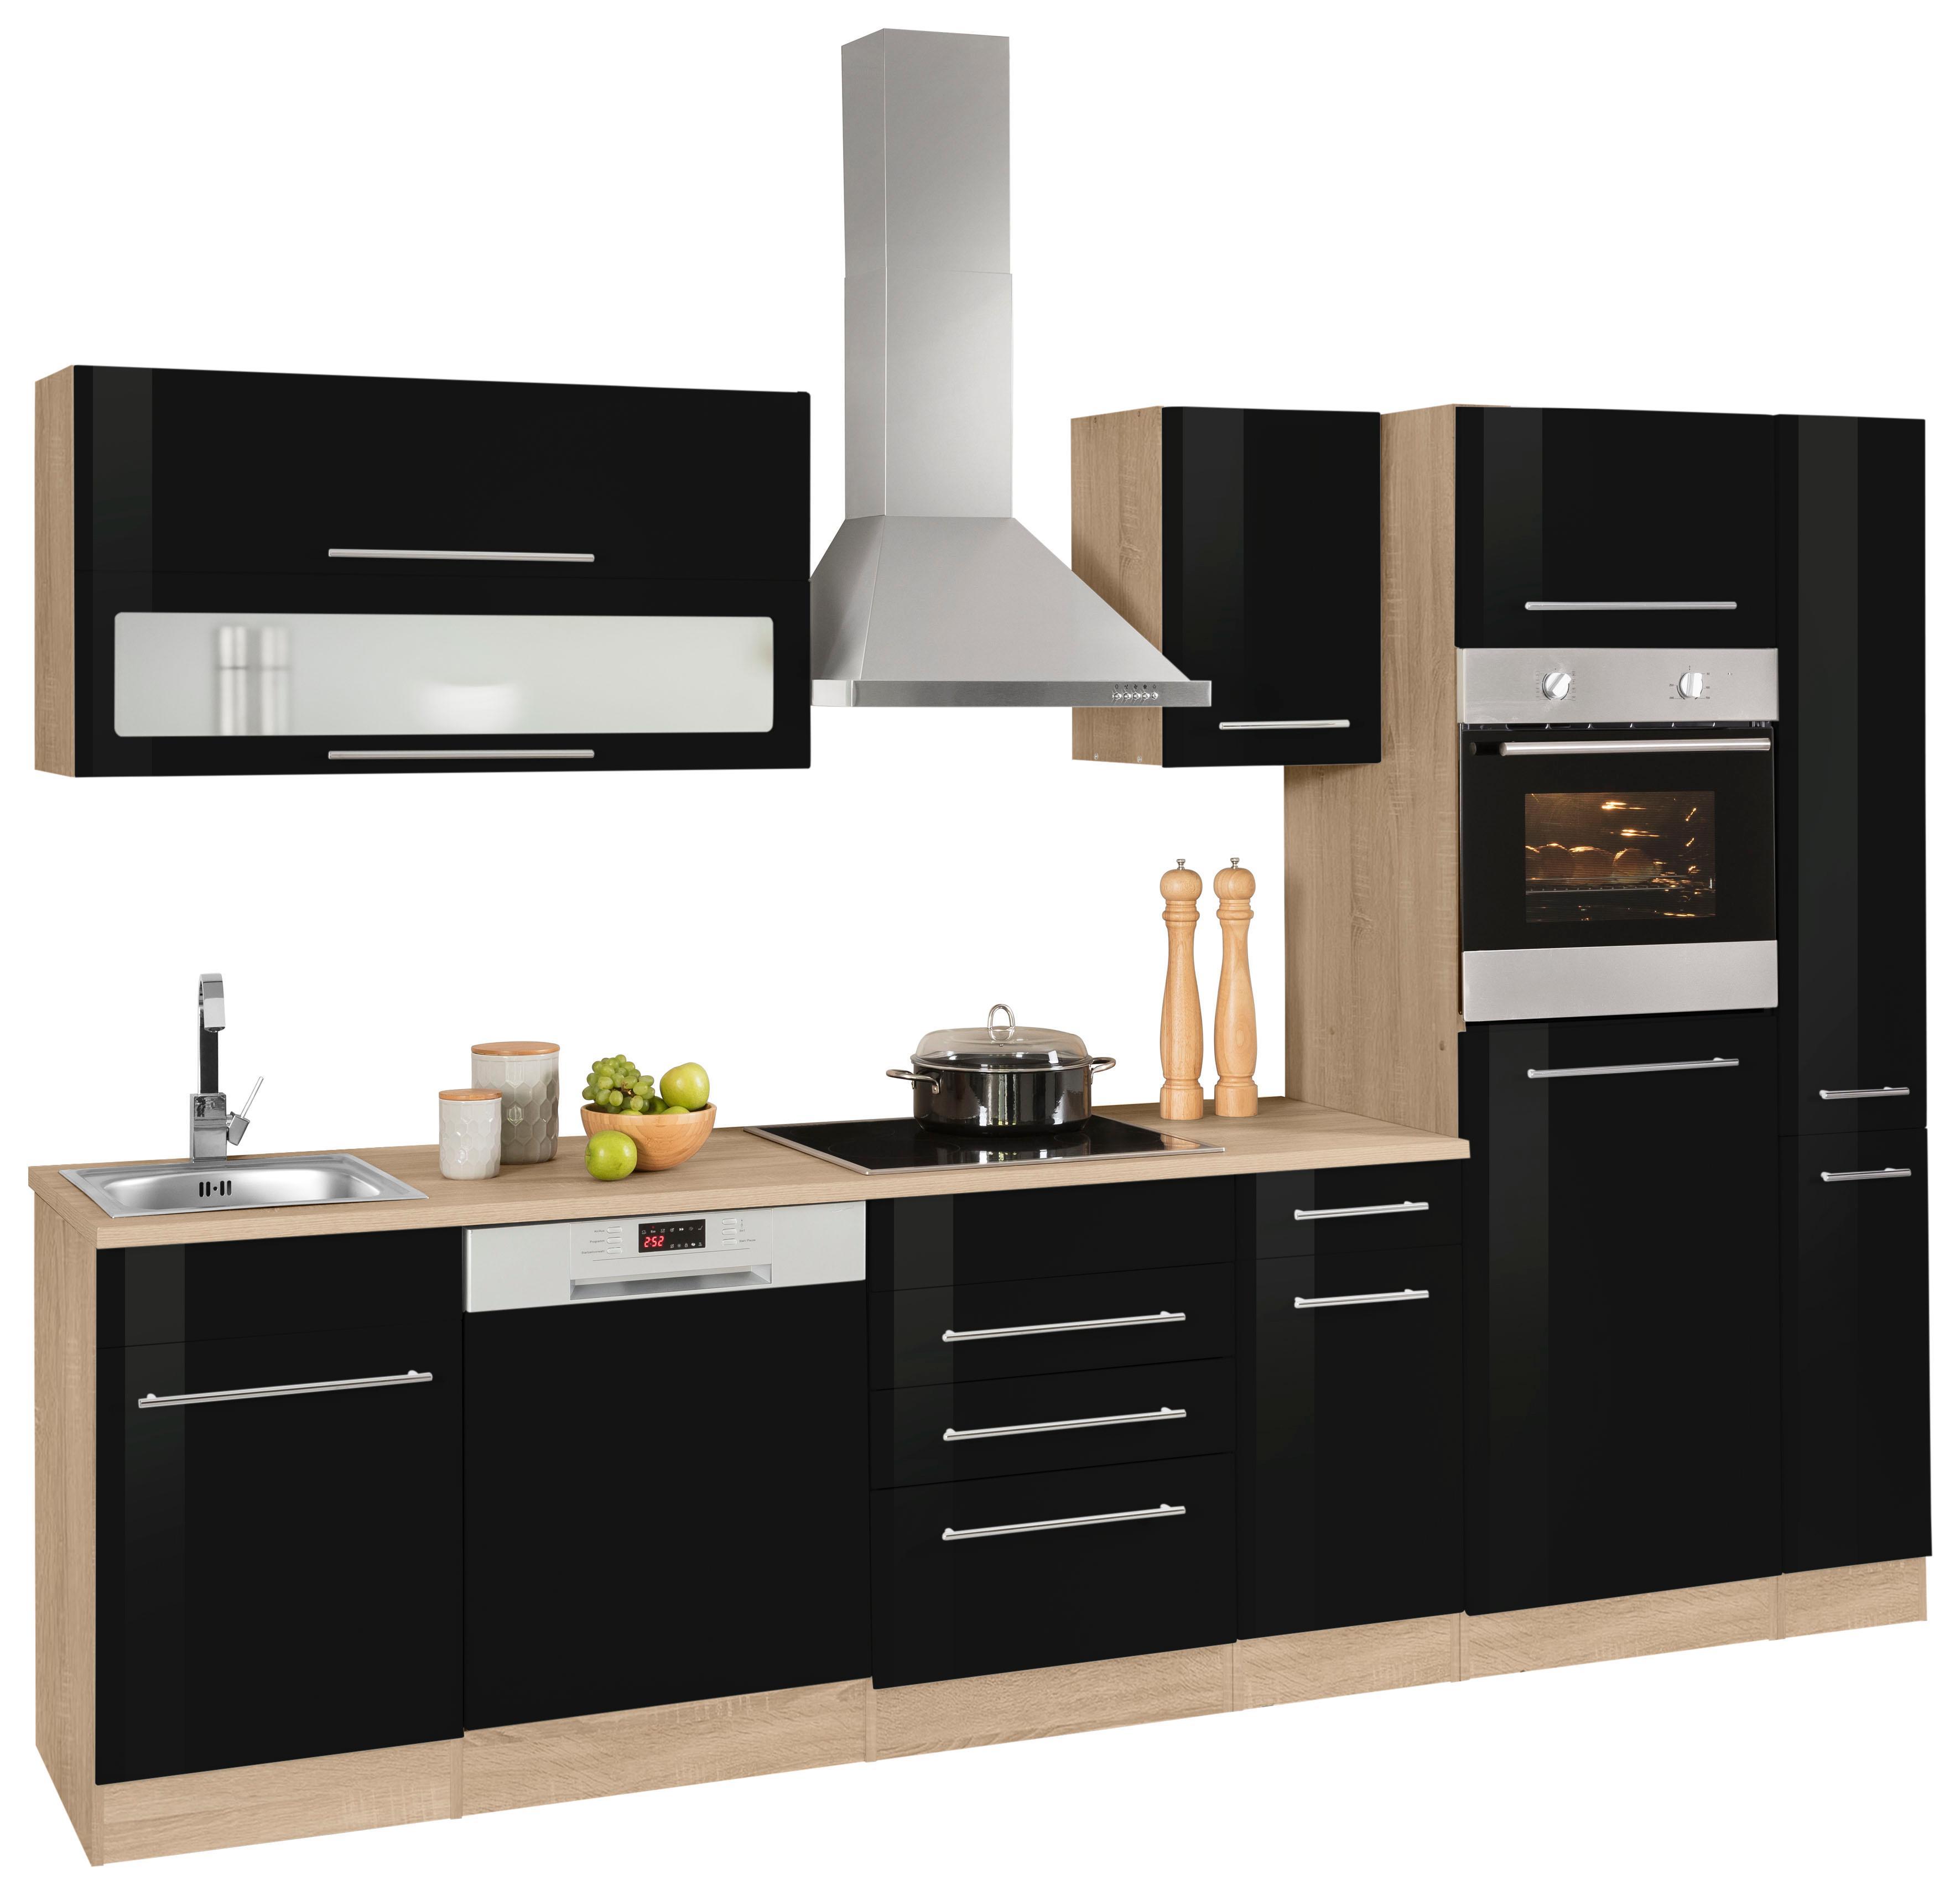 held m bel k chenzeile eton auf rechnung kaufen baur. Black Bedroom Furniture Sets. Home Design Ideas